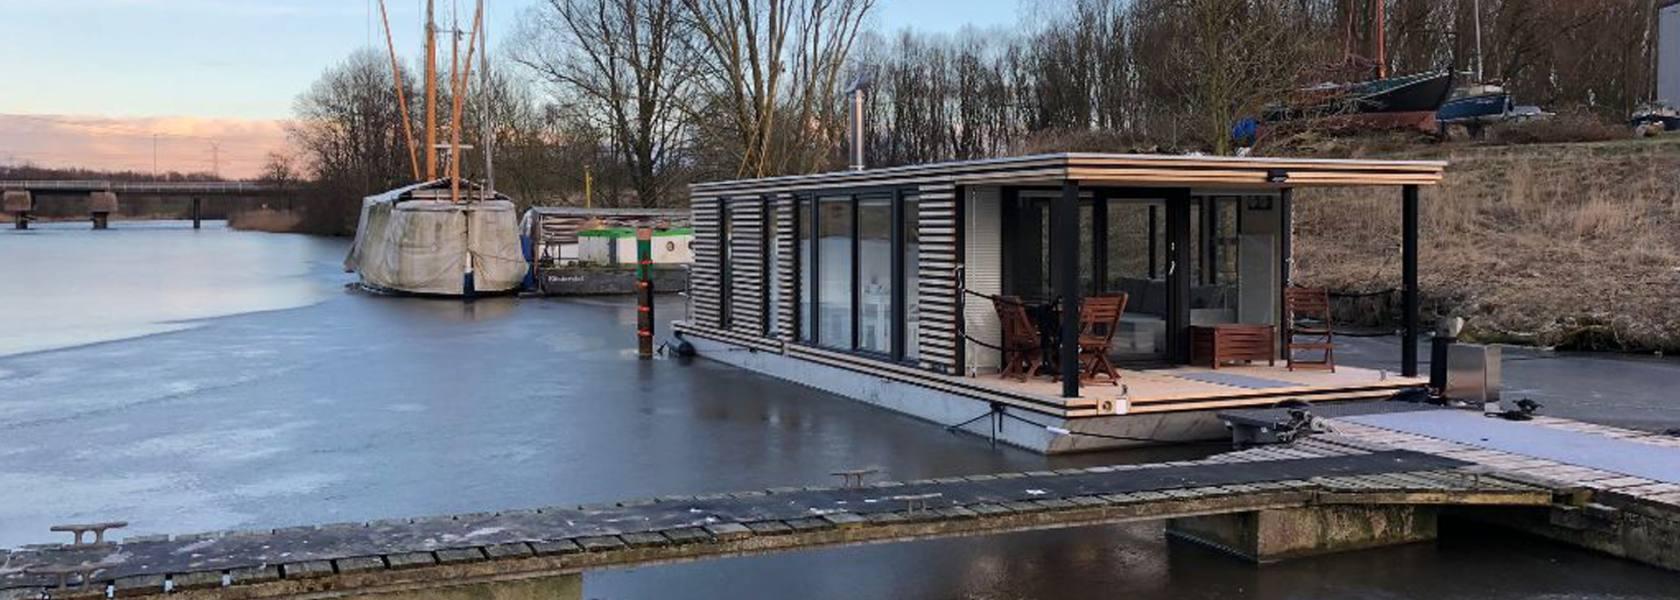 Schwimmendes Ferienhaus in Wilhelmshaven, © KalterHundt UG, Inga Kalter